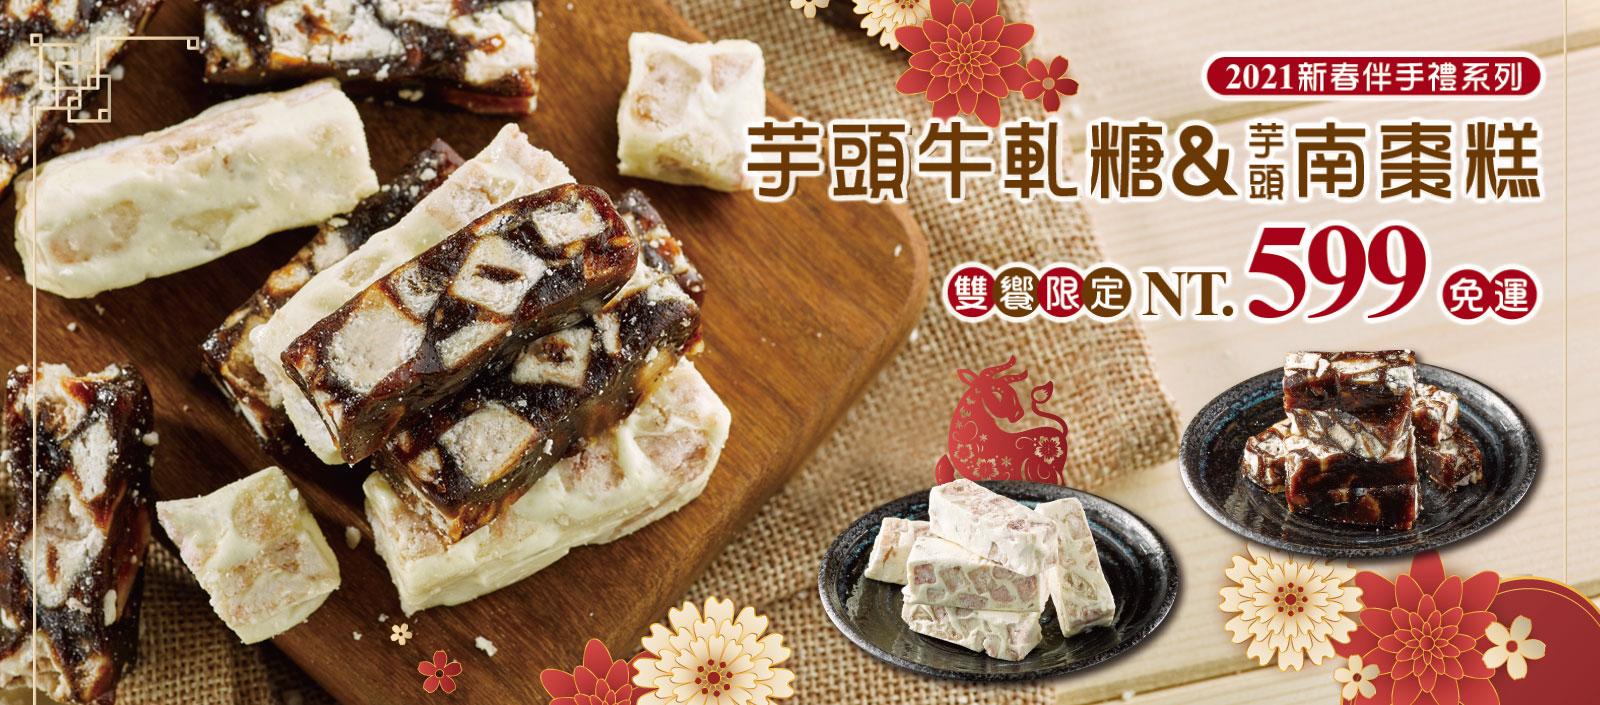 牛軋糖+南棗糕